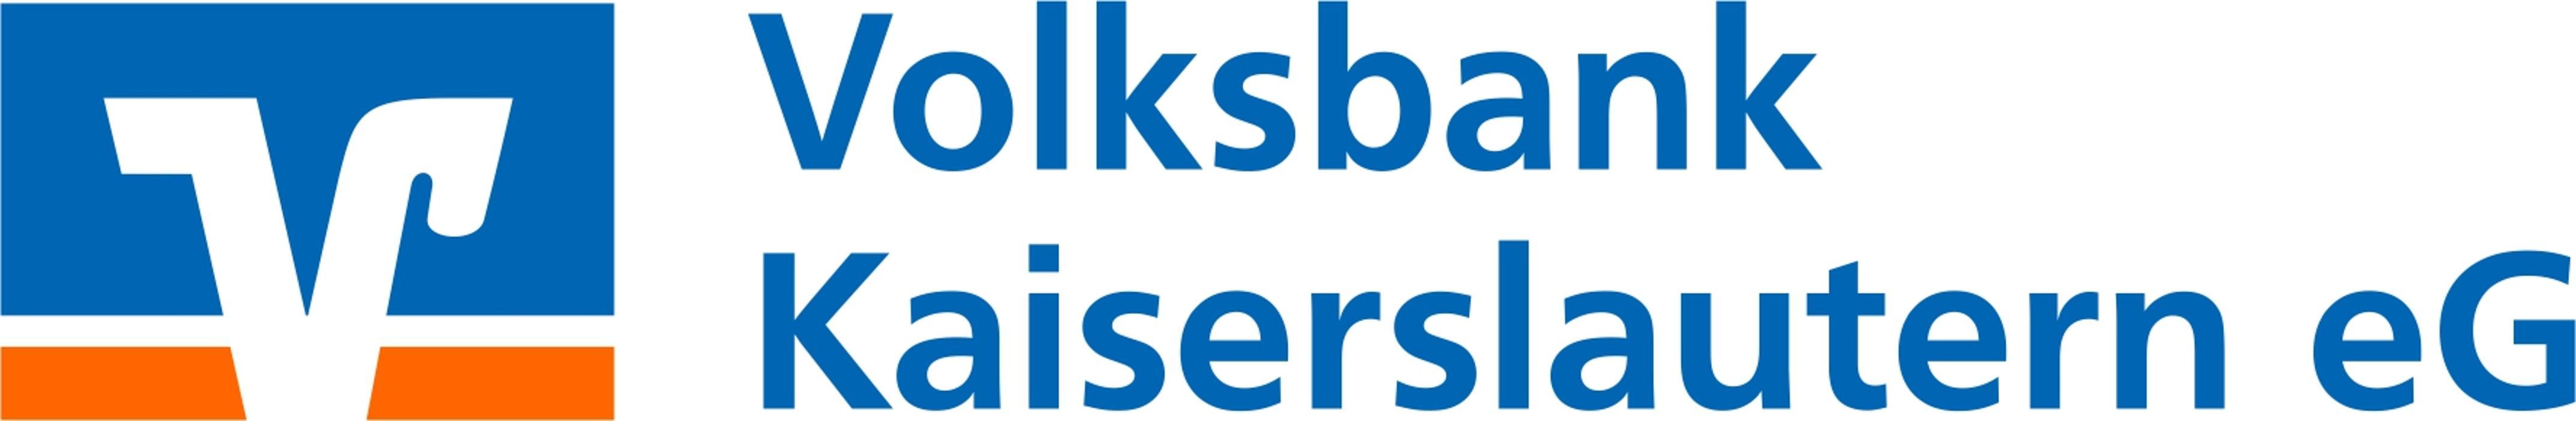 Volksbank Kaiserslautern eG